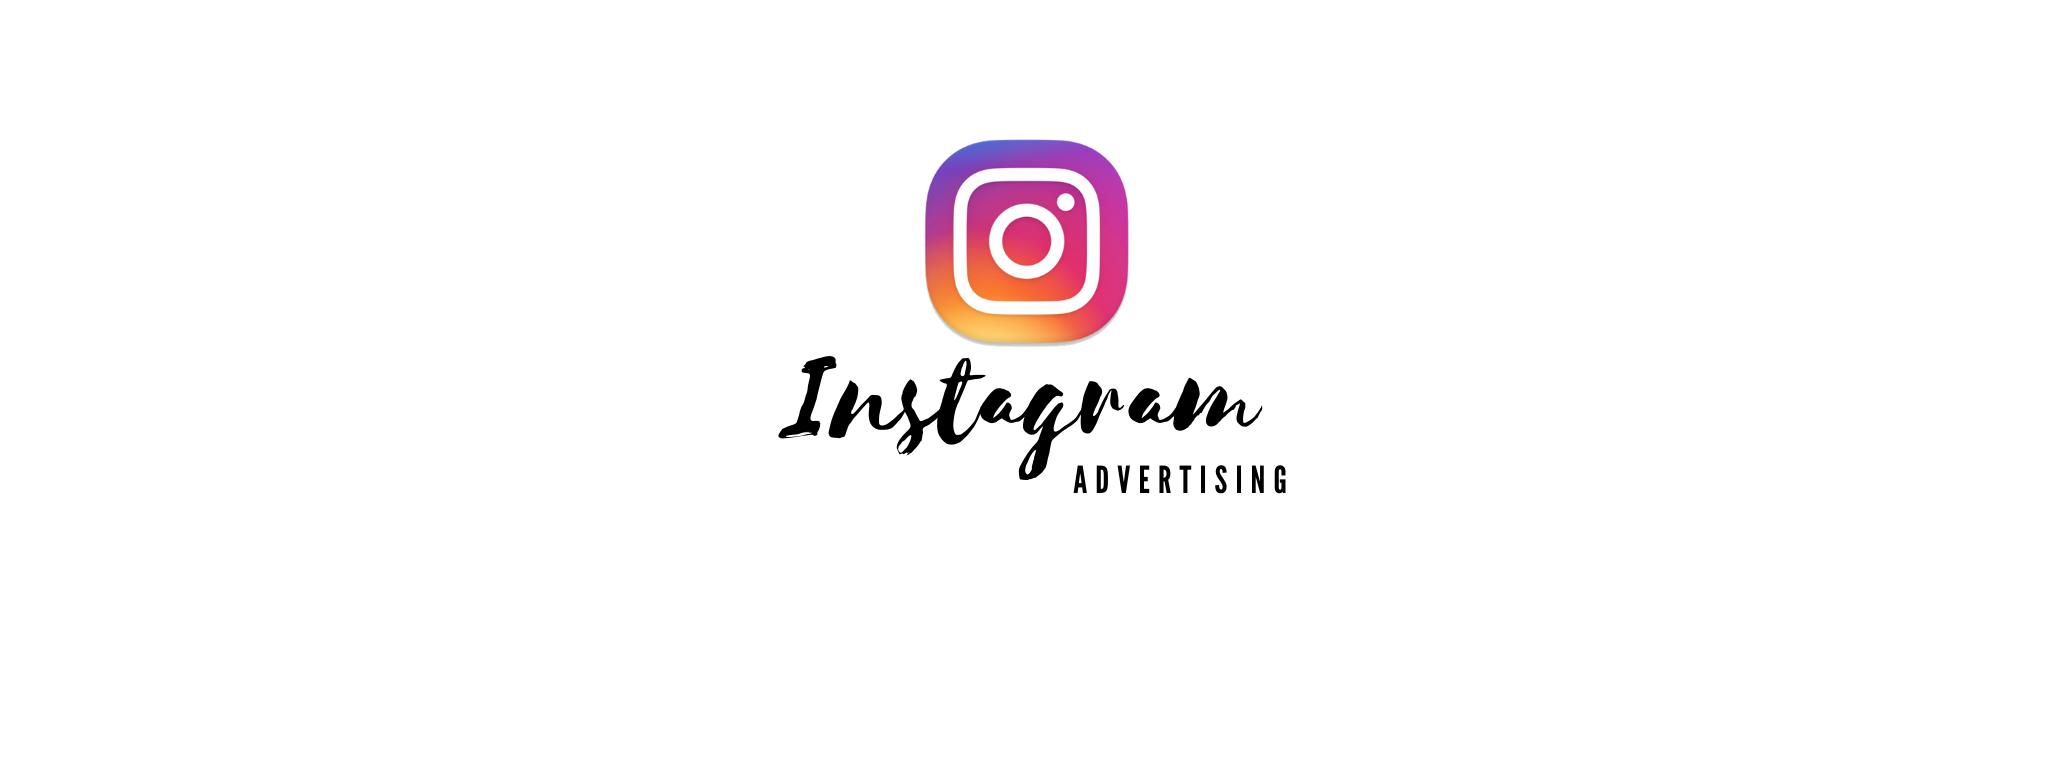 Πως να διαφημίσετε αποτελεσματικά το προϊόν ή υπηρεσία σας, στο Instagram